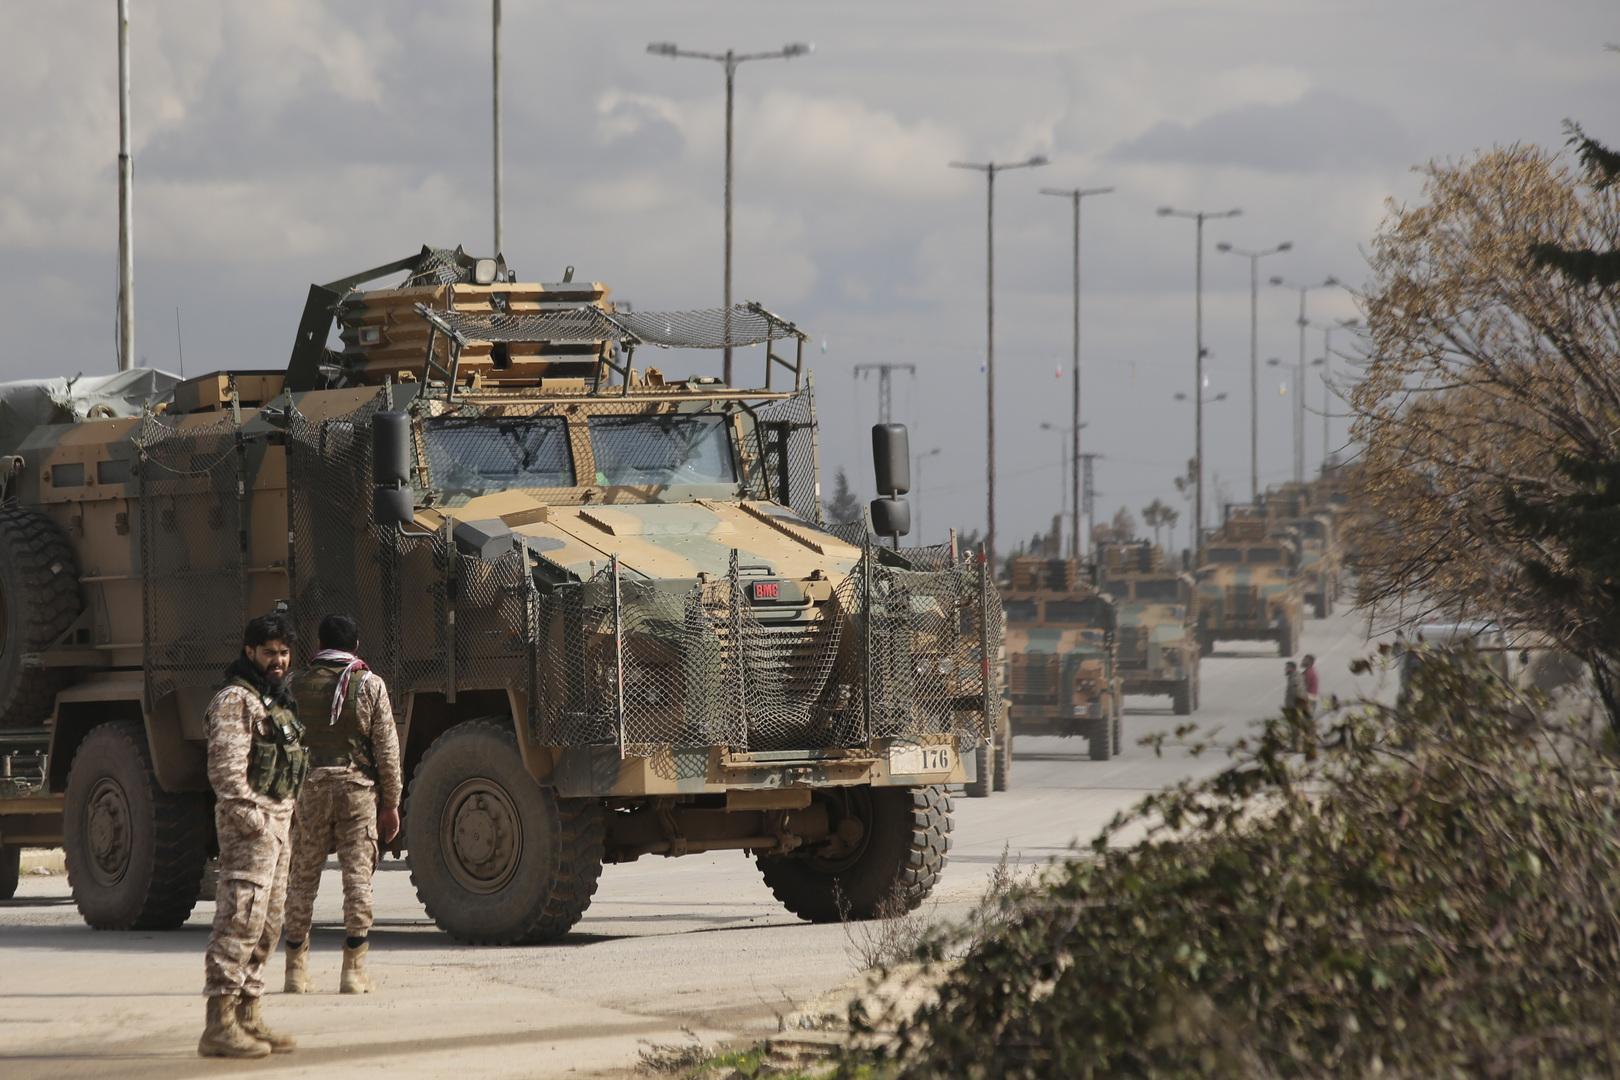 روسيا تعرض وساطتها بغية تفادي عملية تركية جديدة في سوريا